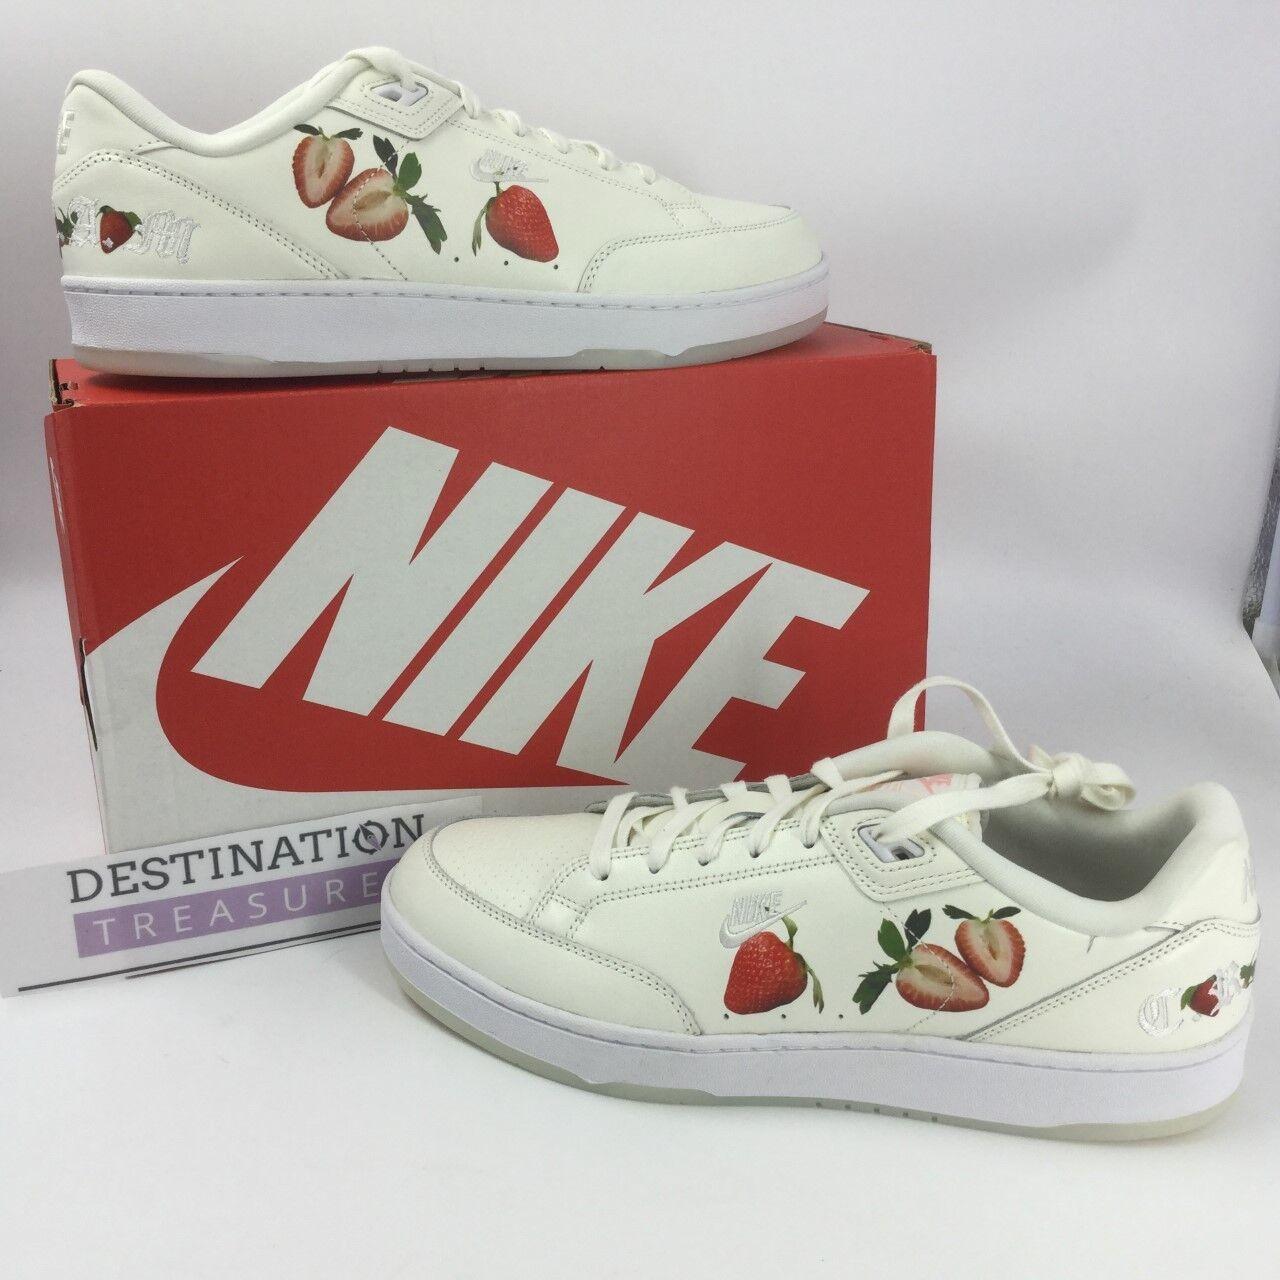 Nike Grandstand II Pinnacle Sneakers Strawberries & Cream Mens 11 12 Tennis